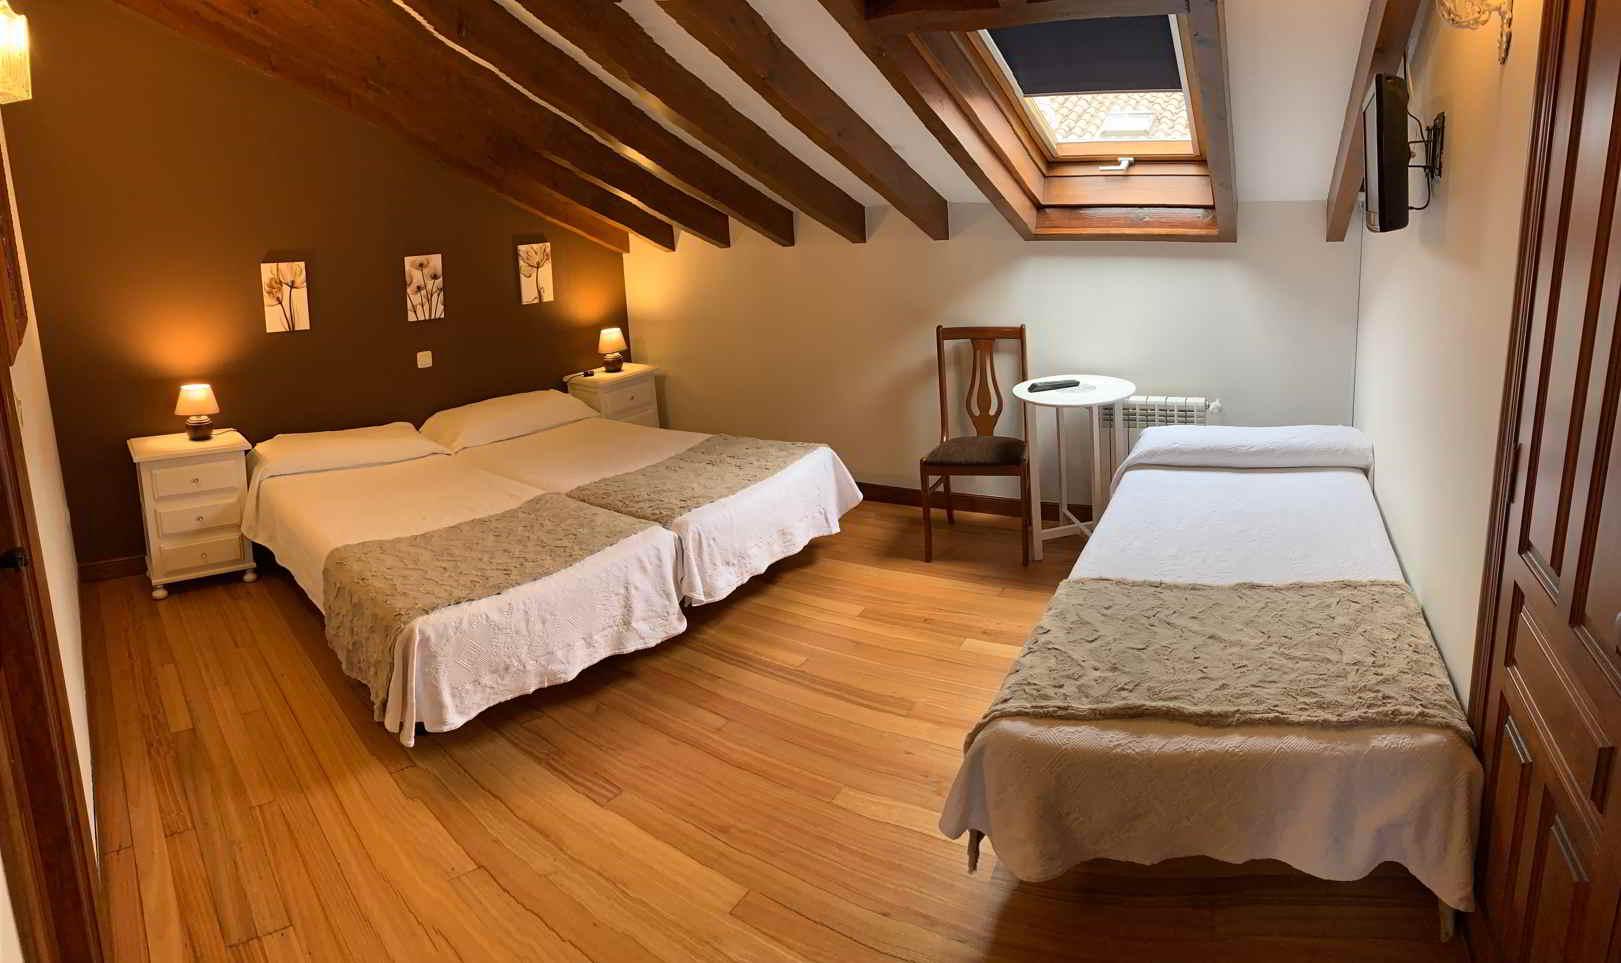 hotel_casa rural_cantabria_grupos grandes_mascotas_san vicente de la barquera_comillas_llanes (4)